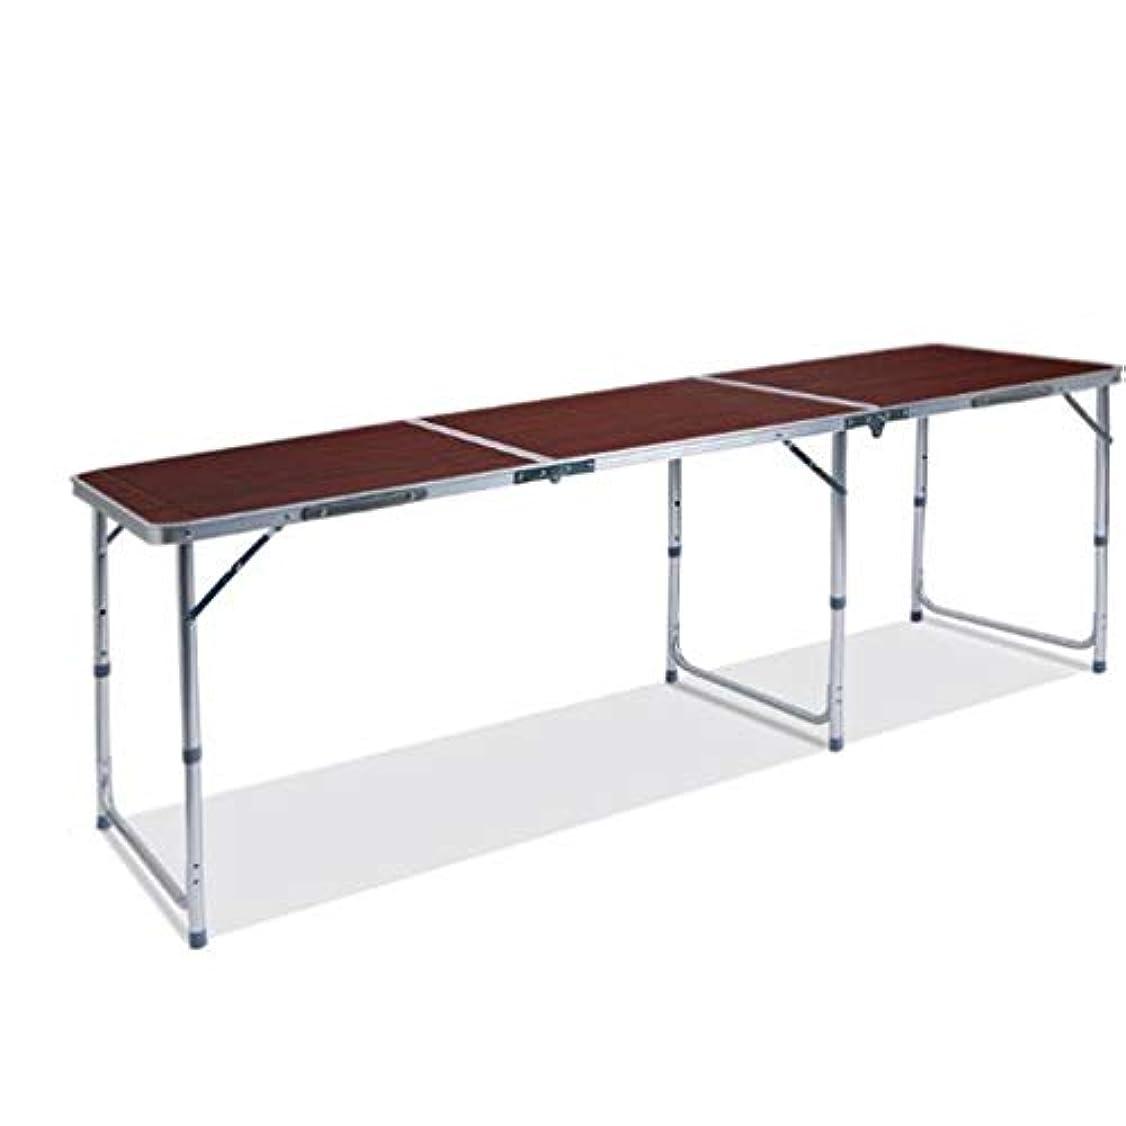 連合北東カビ折りたたみピクニックテーブルの高さ調節可能6椅子ポータブル用屋外キャンプパーティーピクニックガーデンダイニング, Bronze